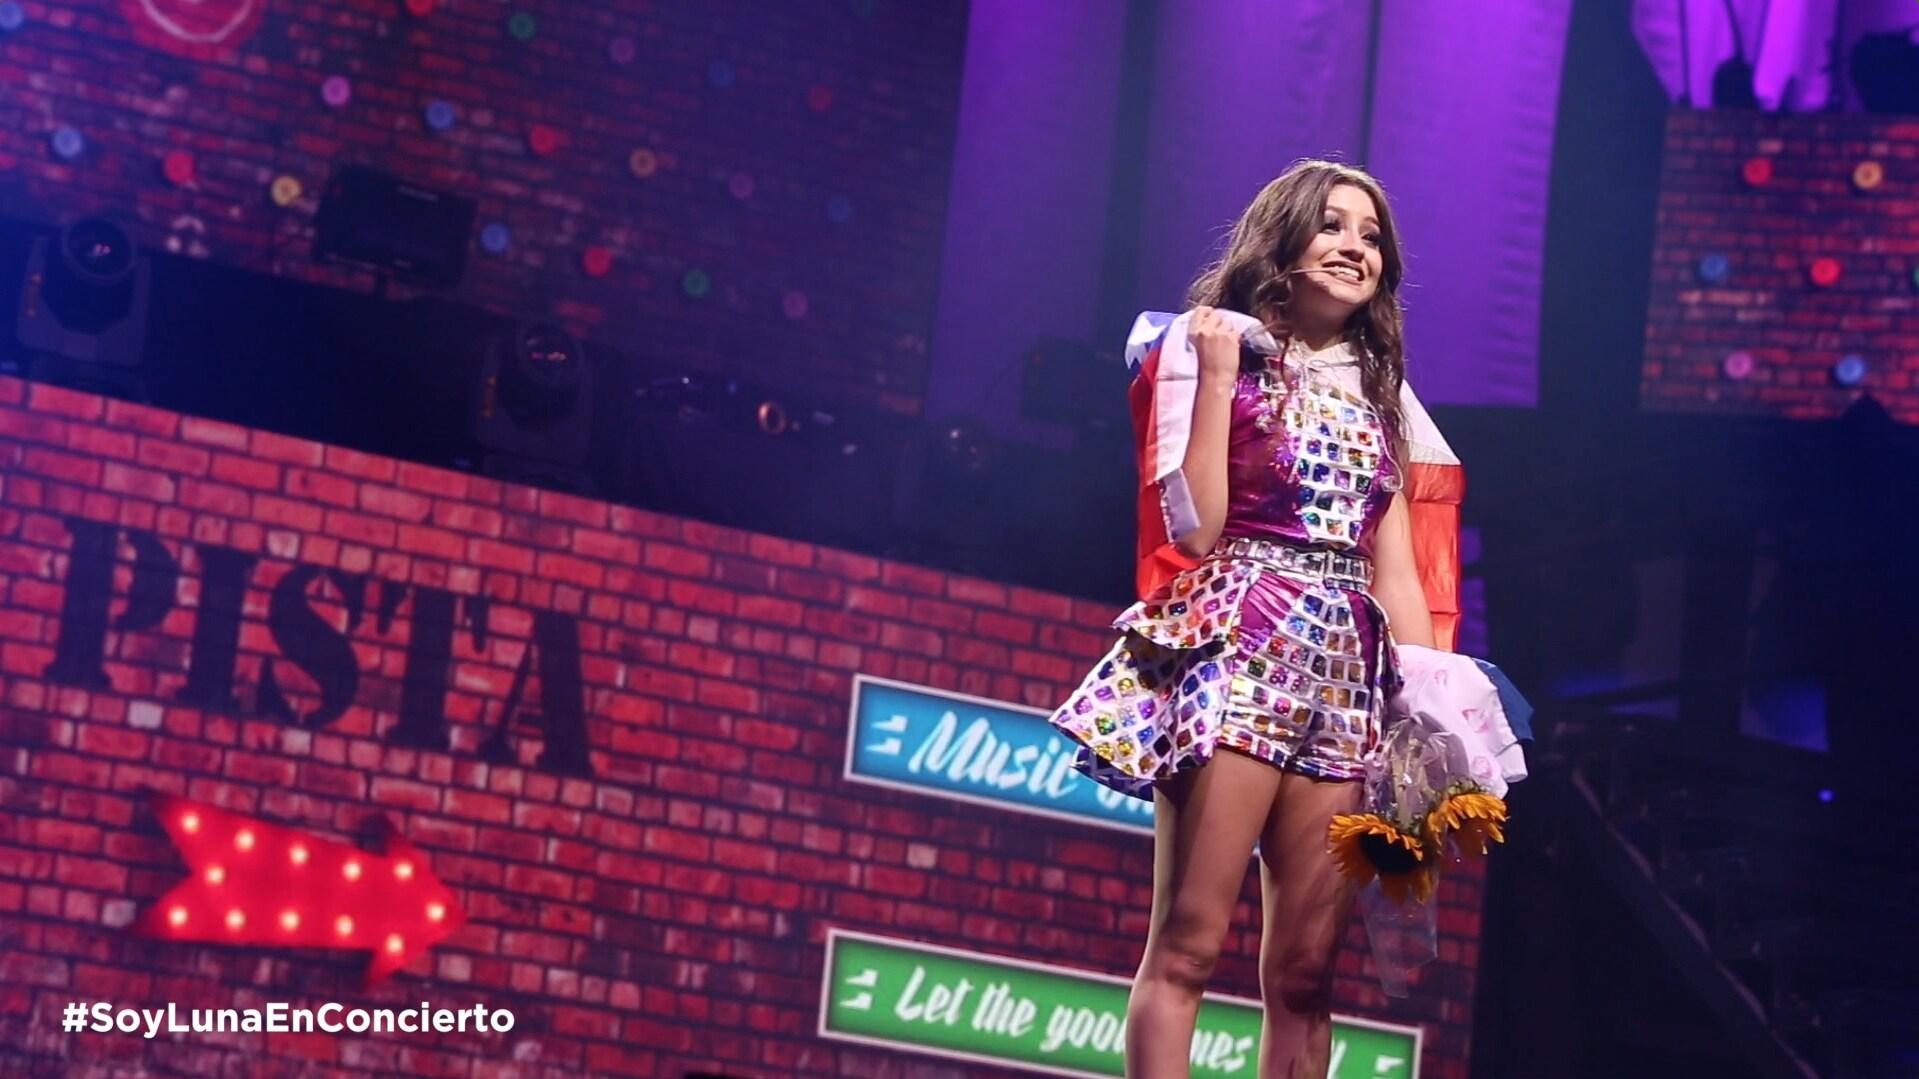 Soy Luna en concierto - Chile